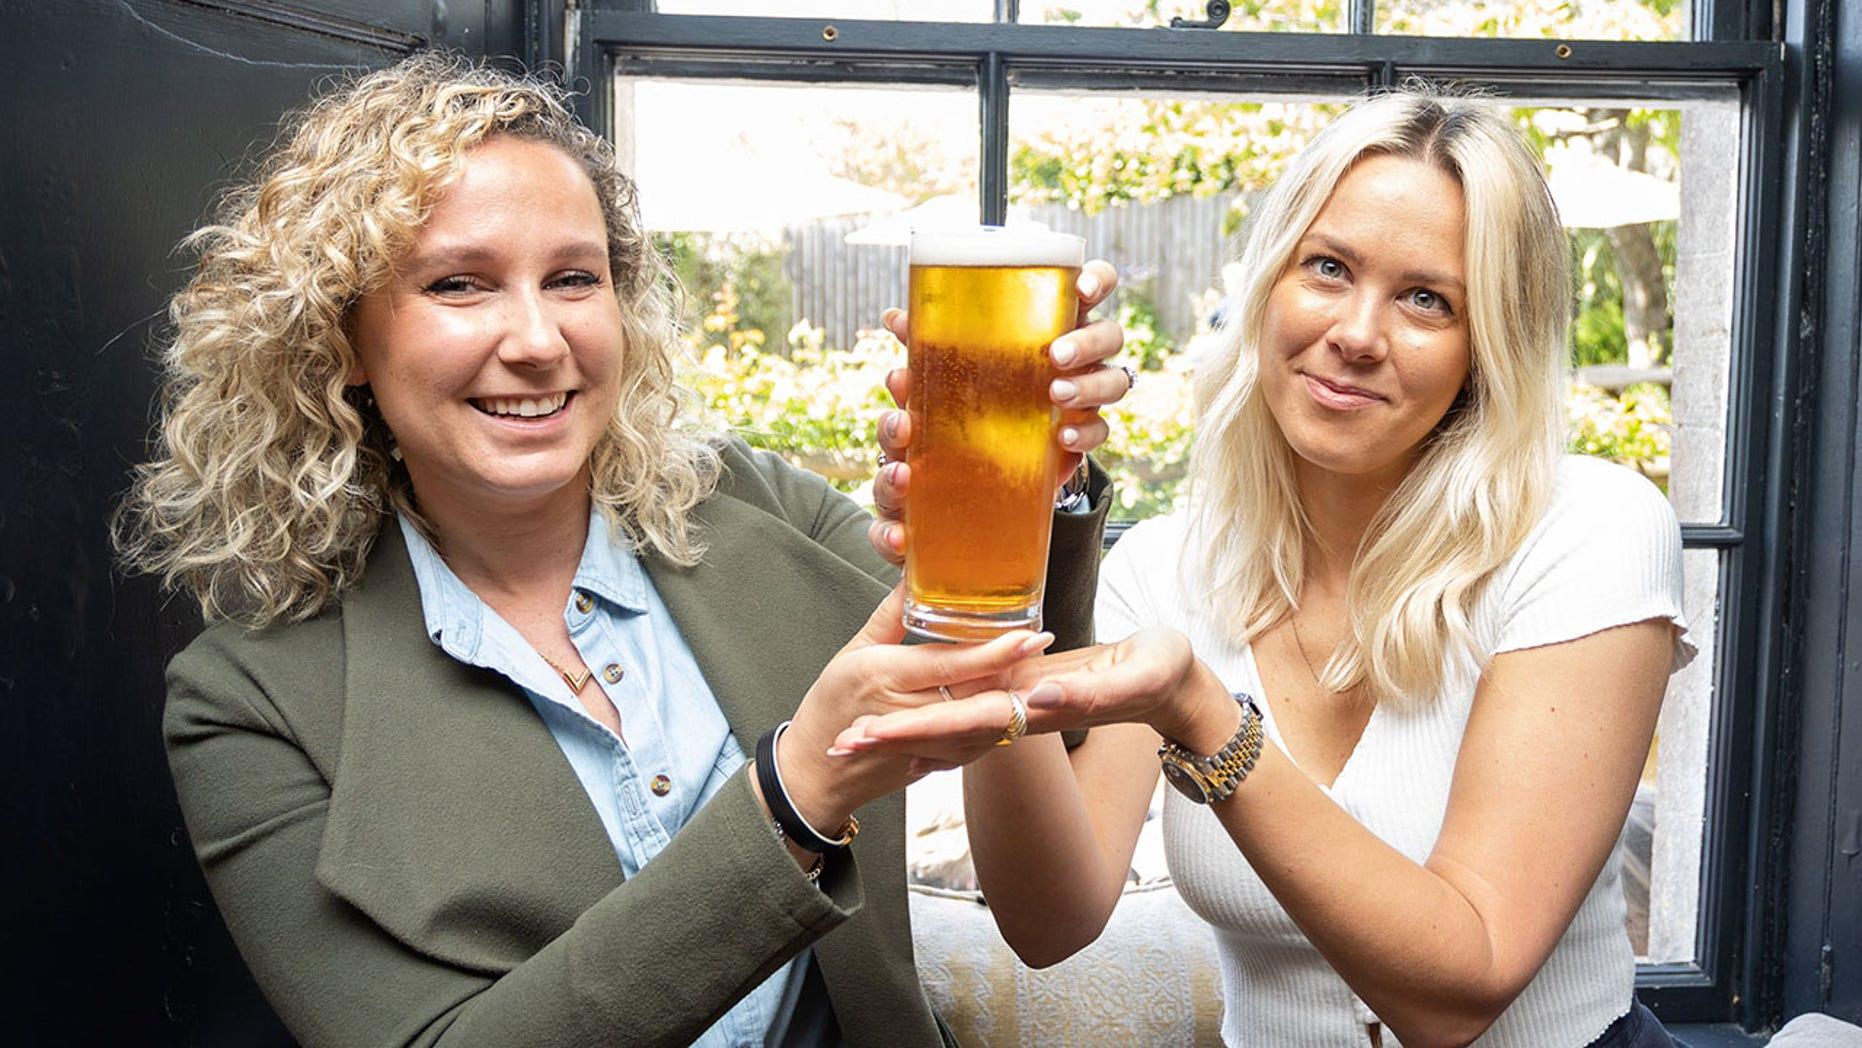 Les gagnantes de la bière vendue aux enchères en Angleterre. Crédit : SWNS